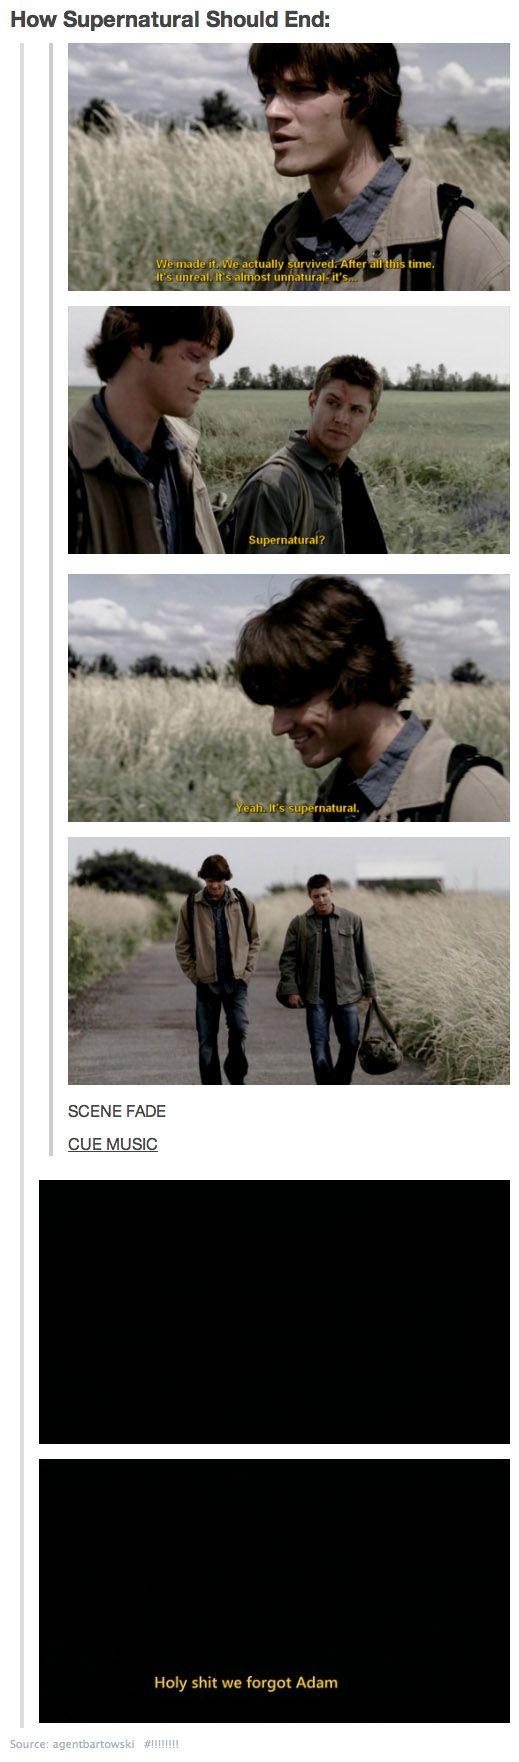 How Supernatural should end -via tumblr